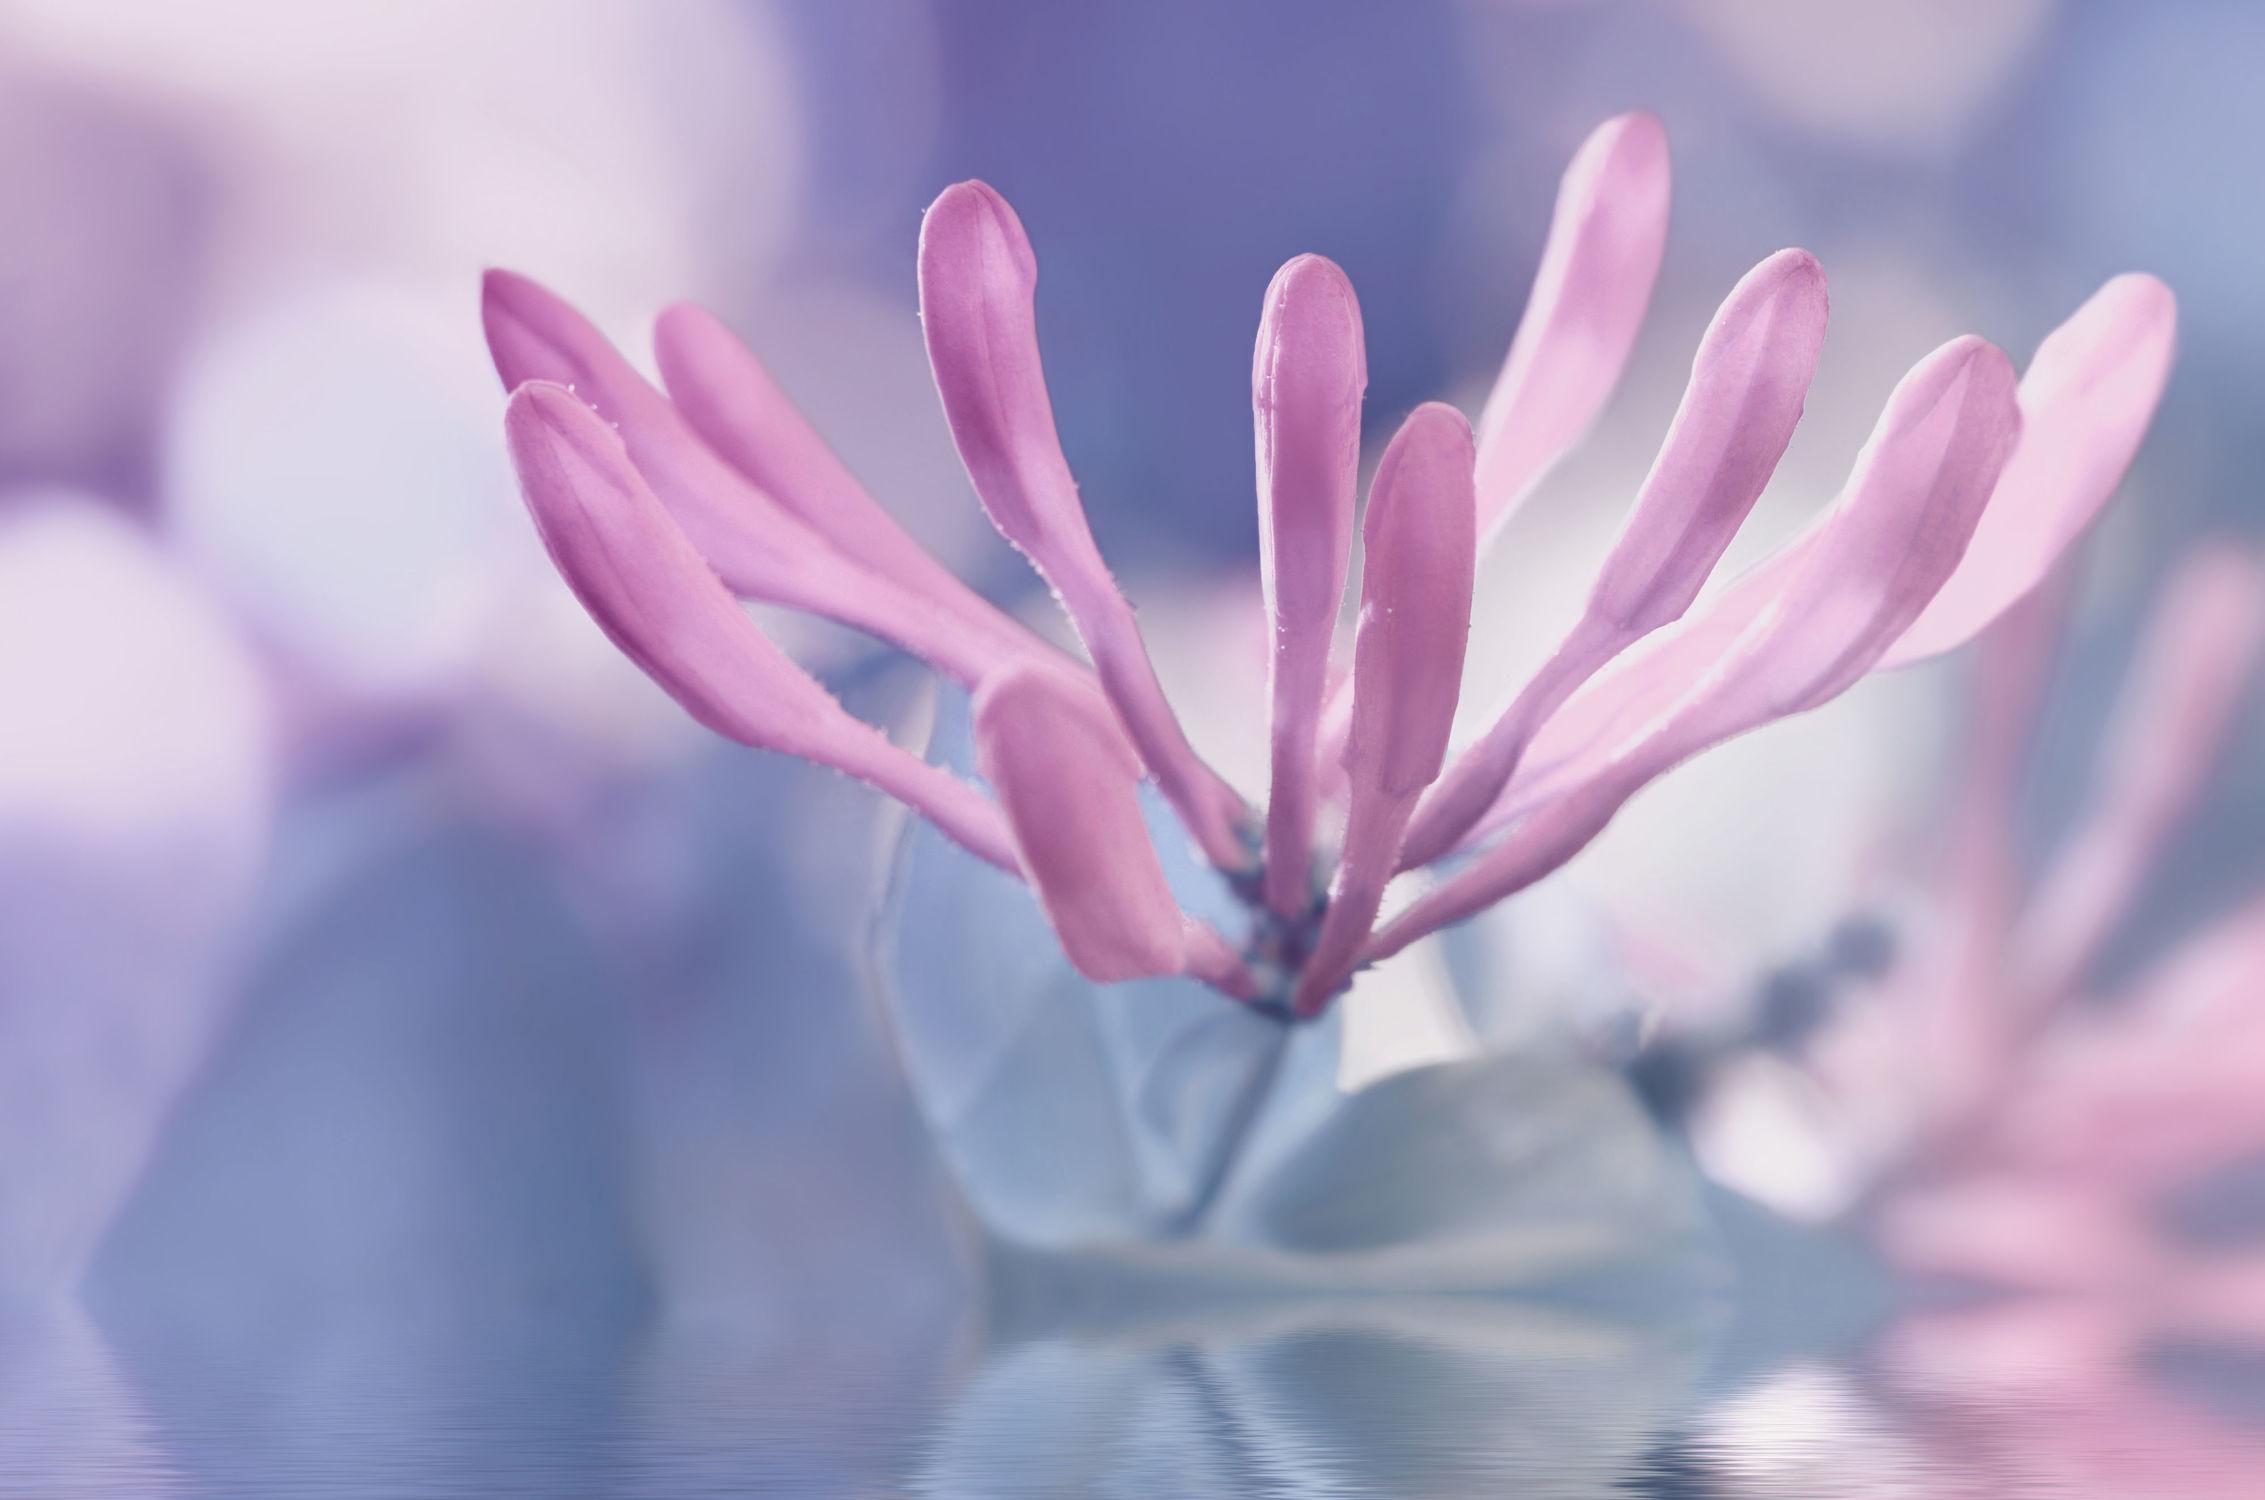 Bild mit Pflanzen, Blumen, Blumen, Frühling, Blau, Baum, Blume, Pflanze, Spiegelung, Flora, Blüten, blüte, dekorativ, blühen, baumblüte